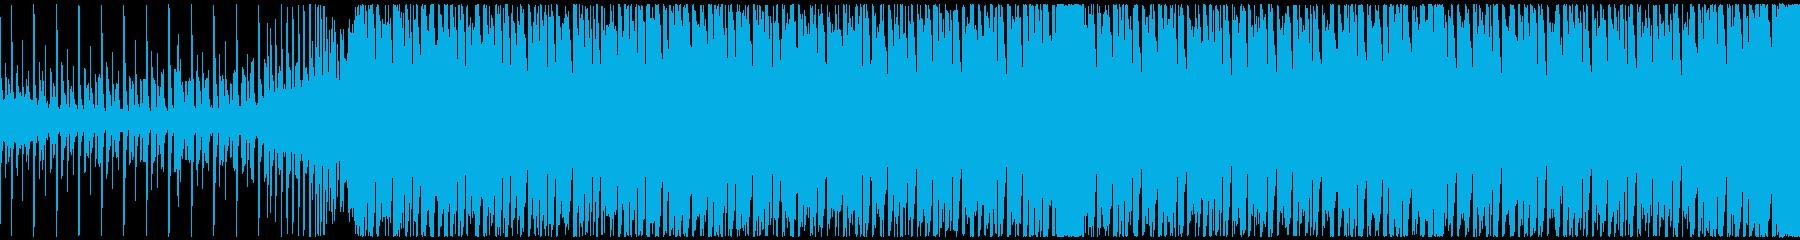 【ループ対応】疾走感 熱いEDM 2の再生済みの波形